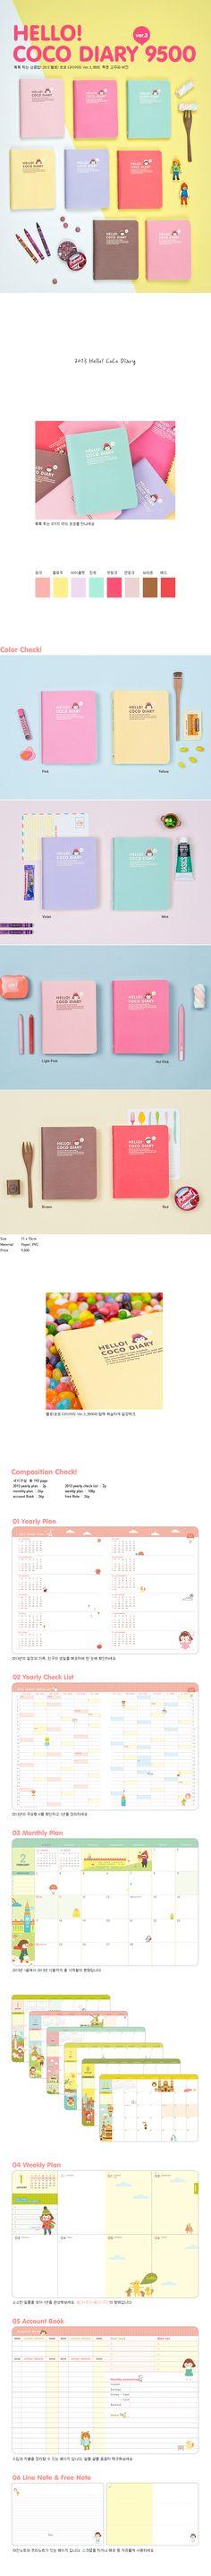 Hello Coco Diary 2013 Girl Memo pad Korea Korean weekly planer schedule 8 colors | eBay